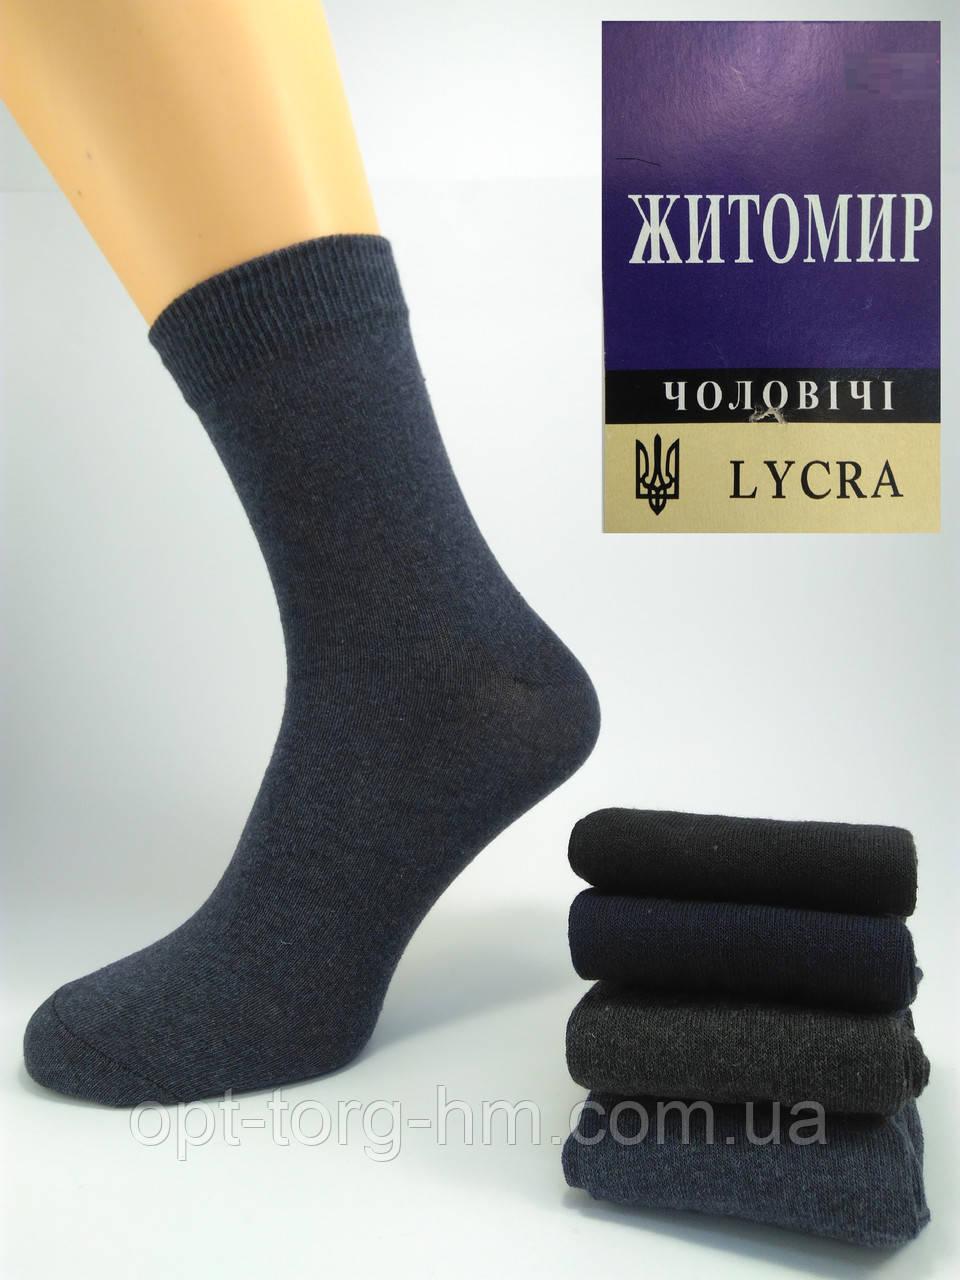 Мужские носки Lycra 27-29 (41-44обувь)